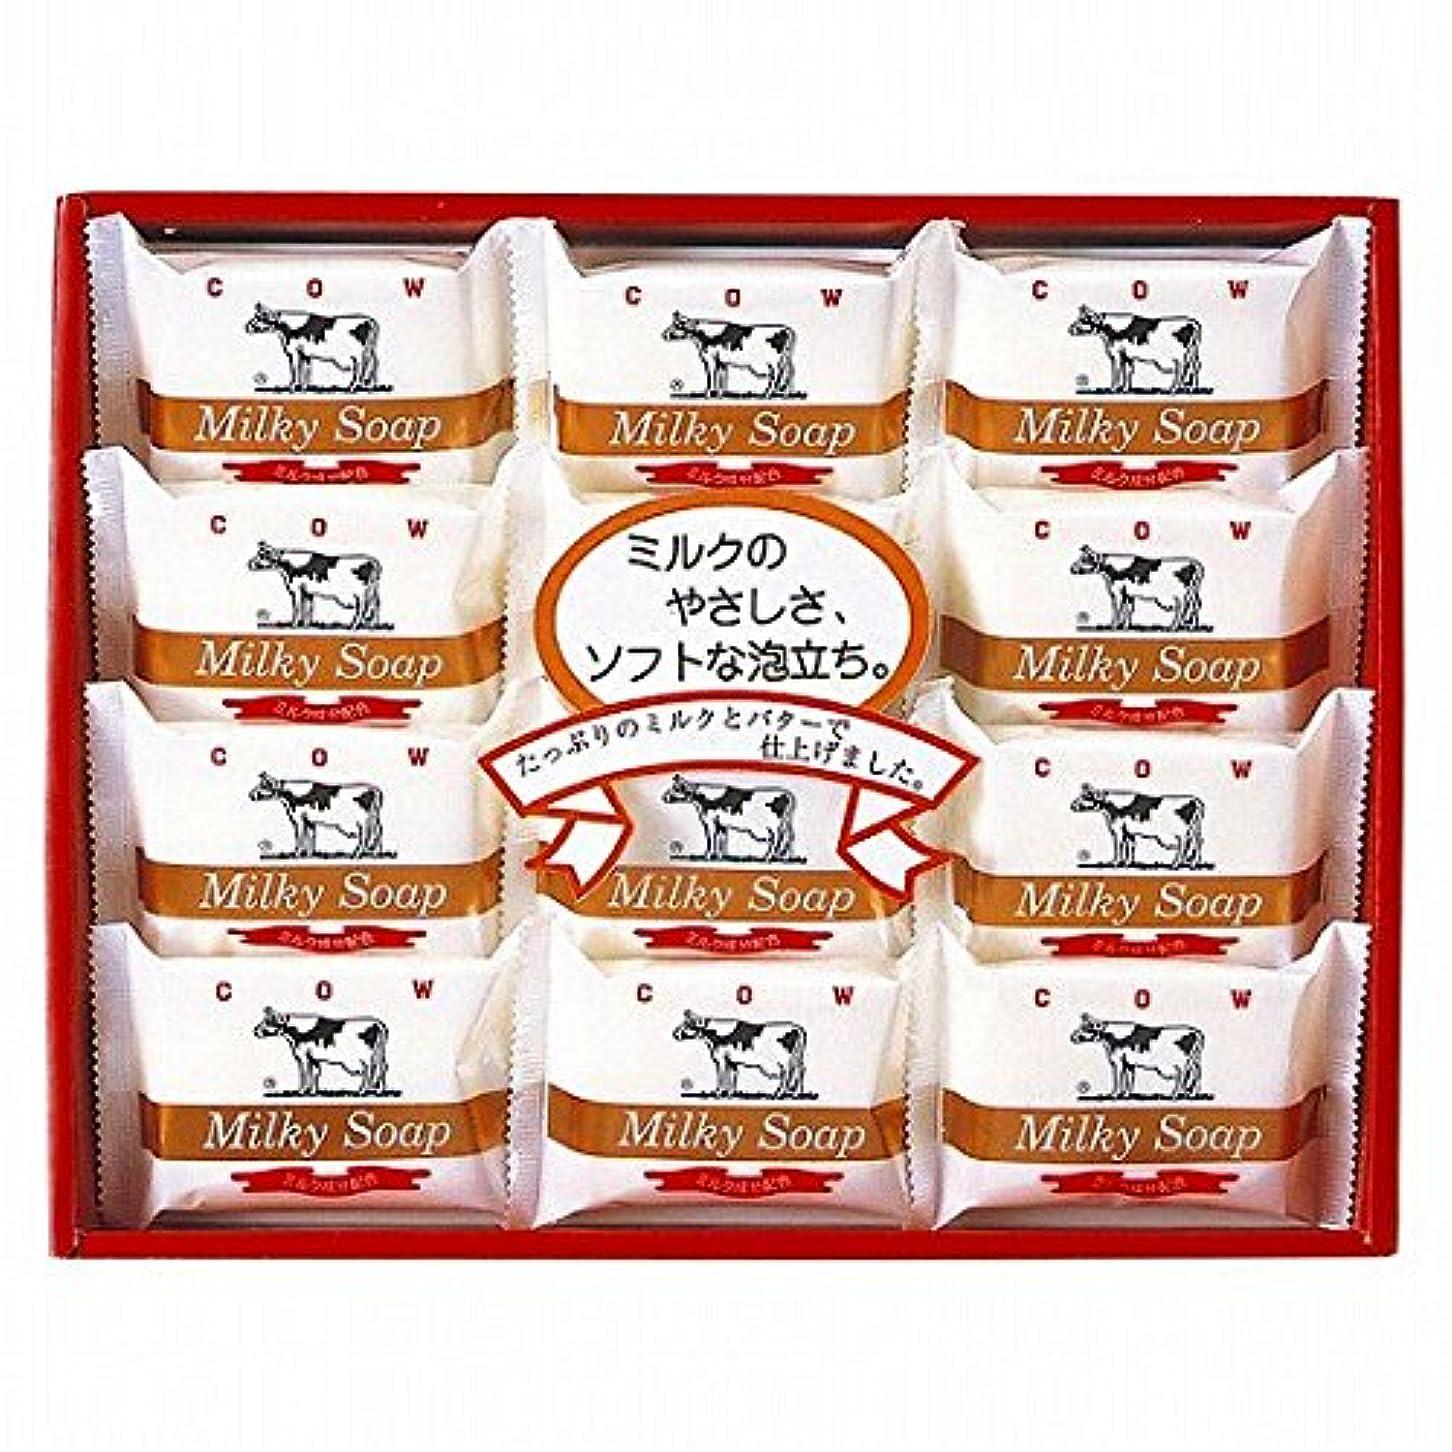 工業化する体系的に人柄nobrand 牛乳石鹸 ゴールドソープセット (21940005)